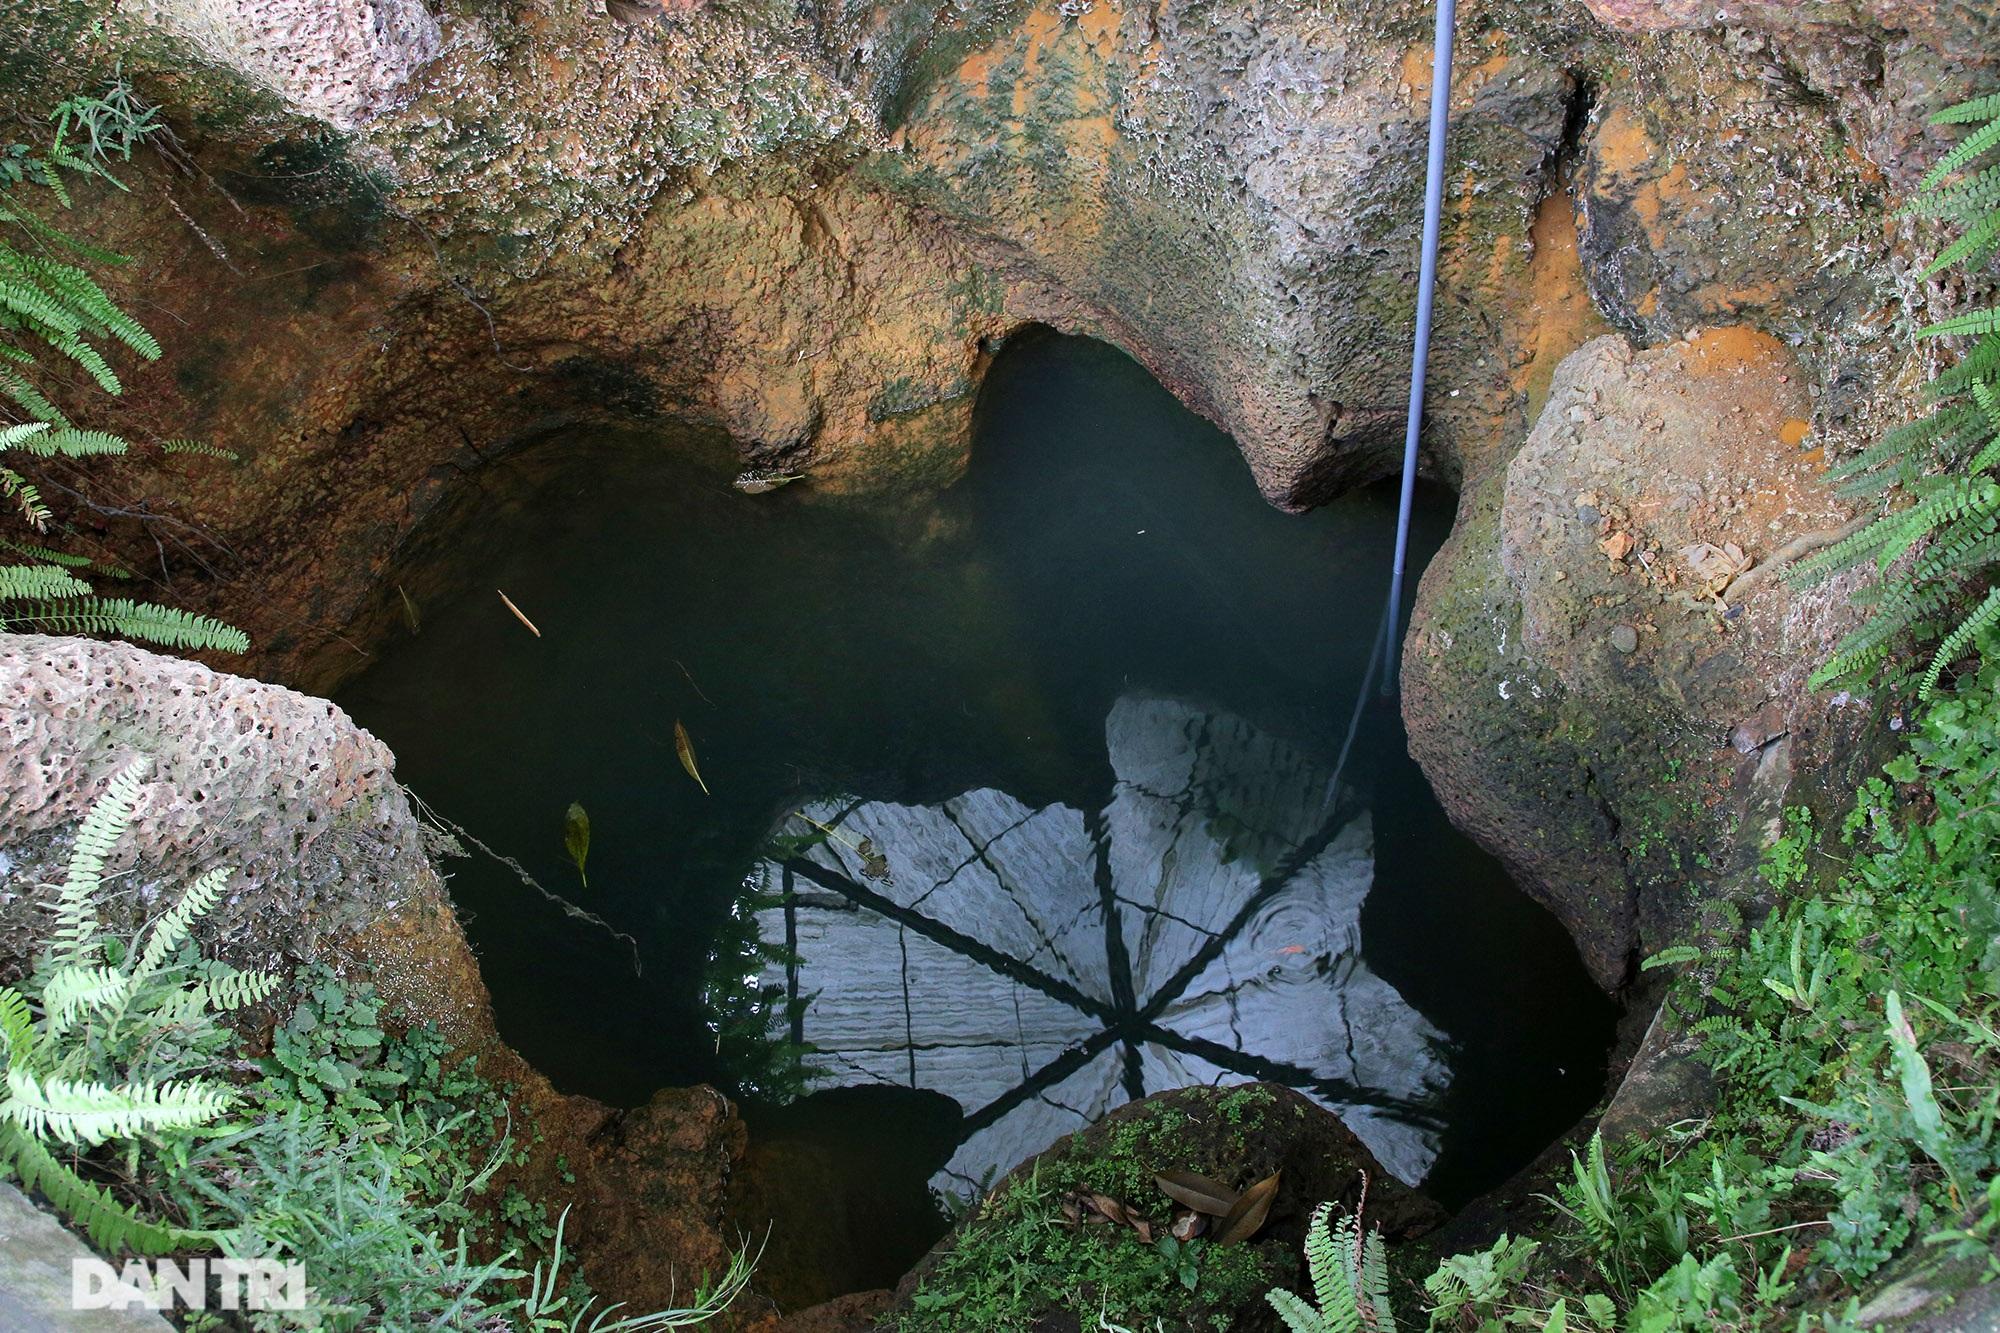 Bí ẩn 99 giếng cổ thiên tạo trong một làng ở Hà Nội - 4